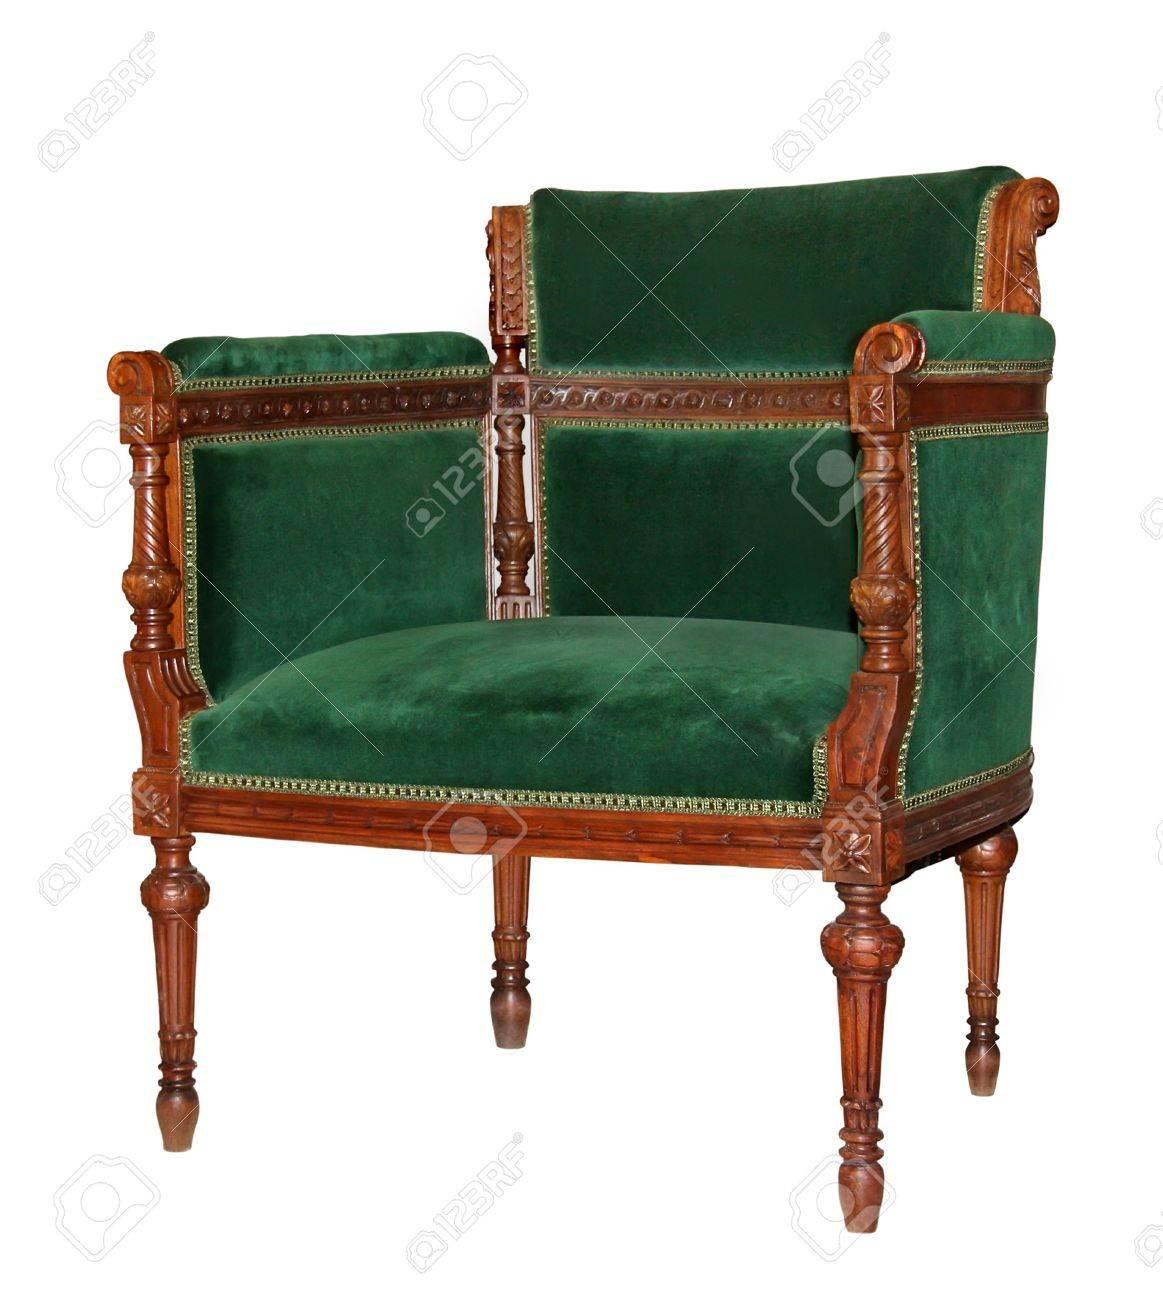 Stock Photo - Vintage green velvet chair isolated on white background - Vintage Green Velvet Chair Isolated On White Background Stock Photo